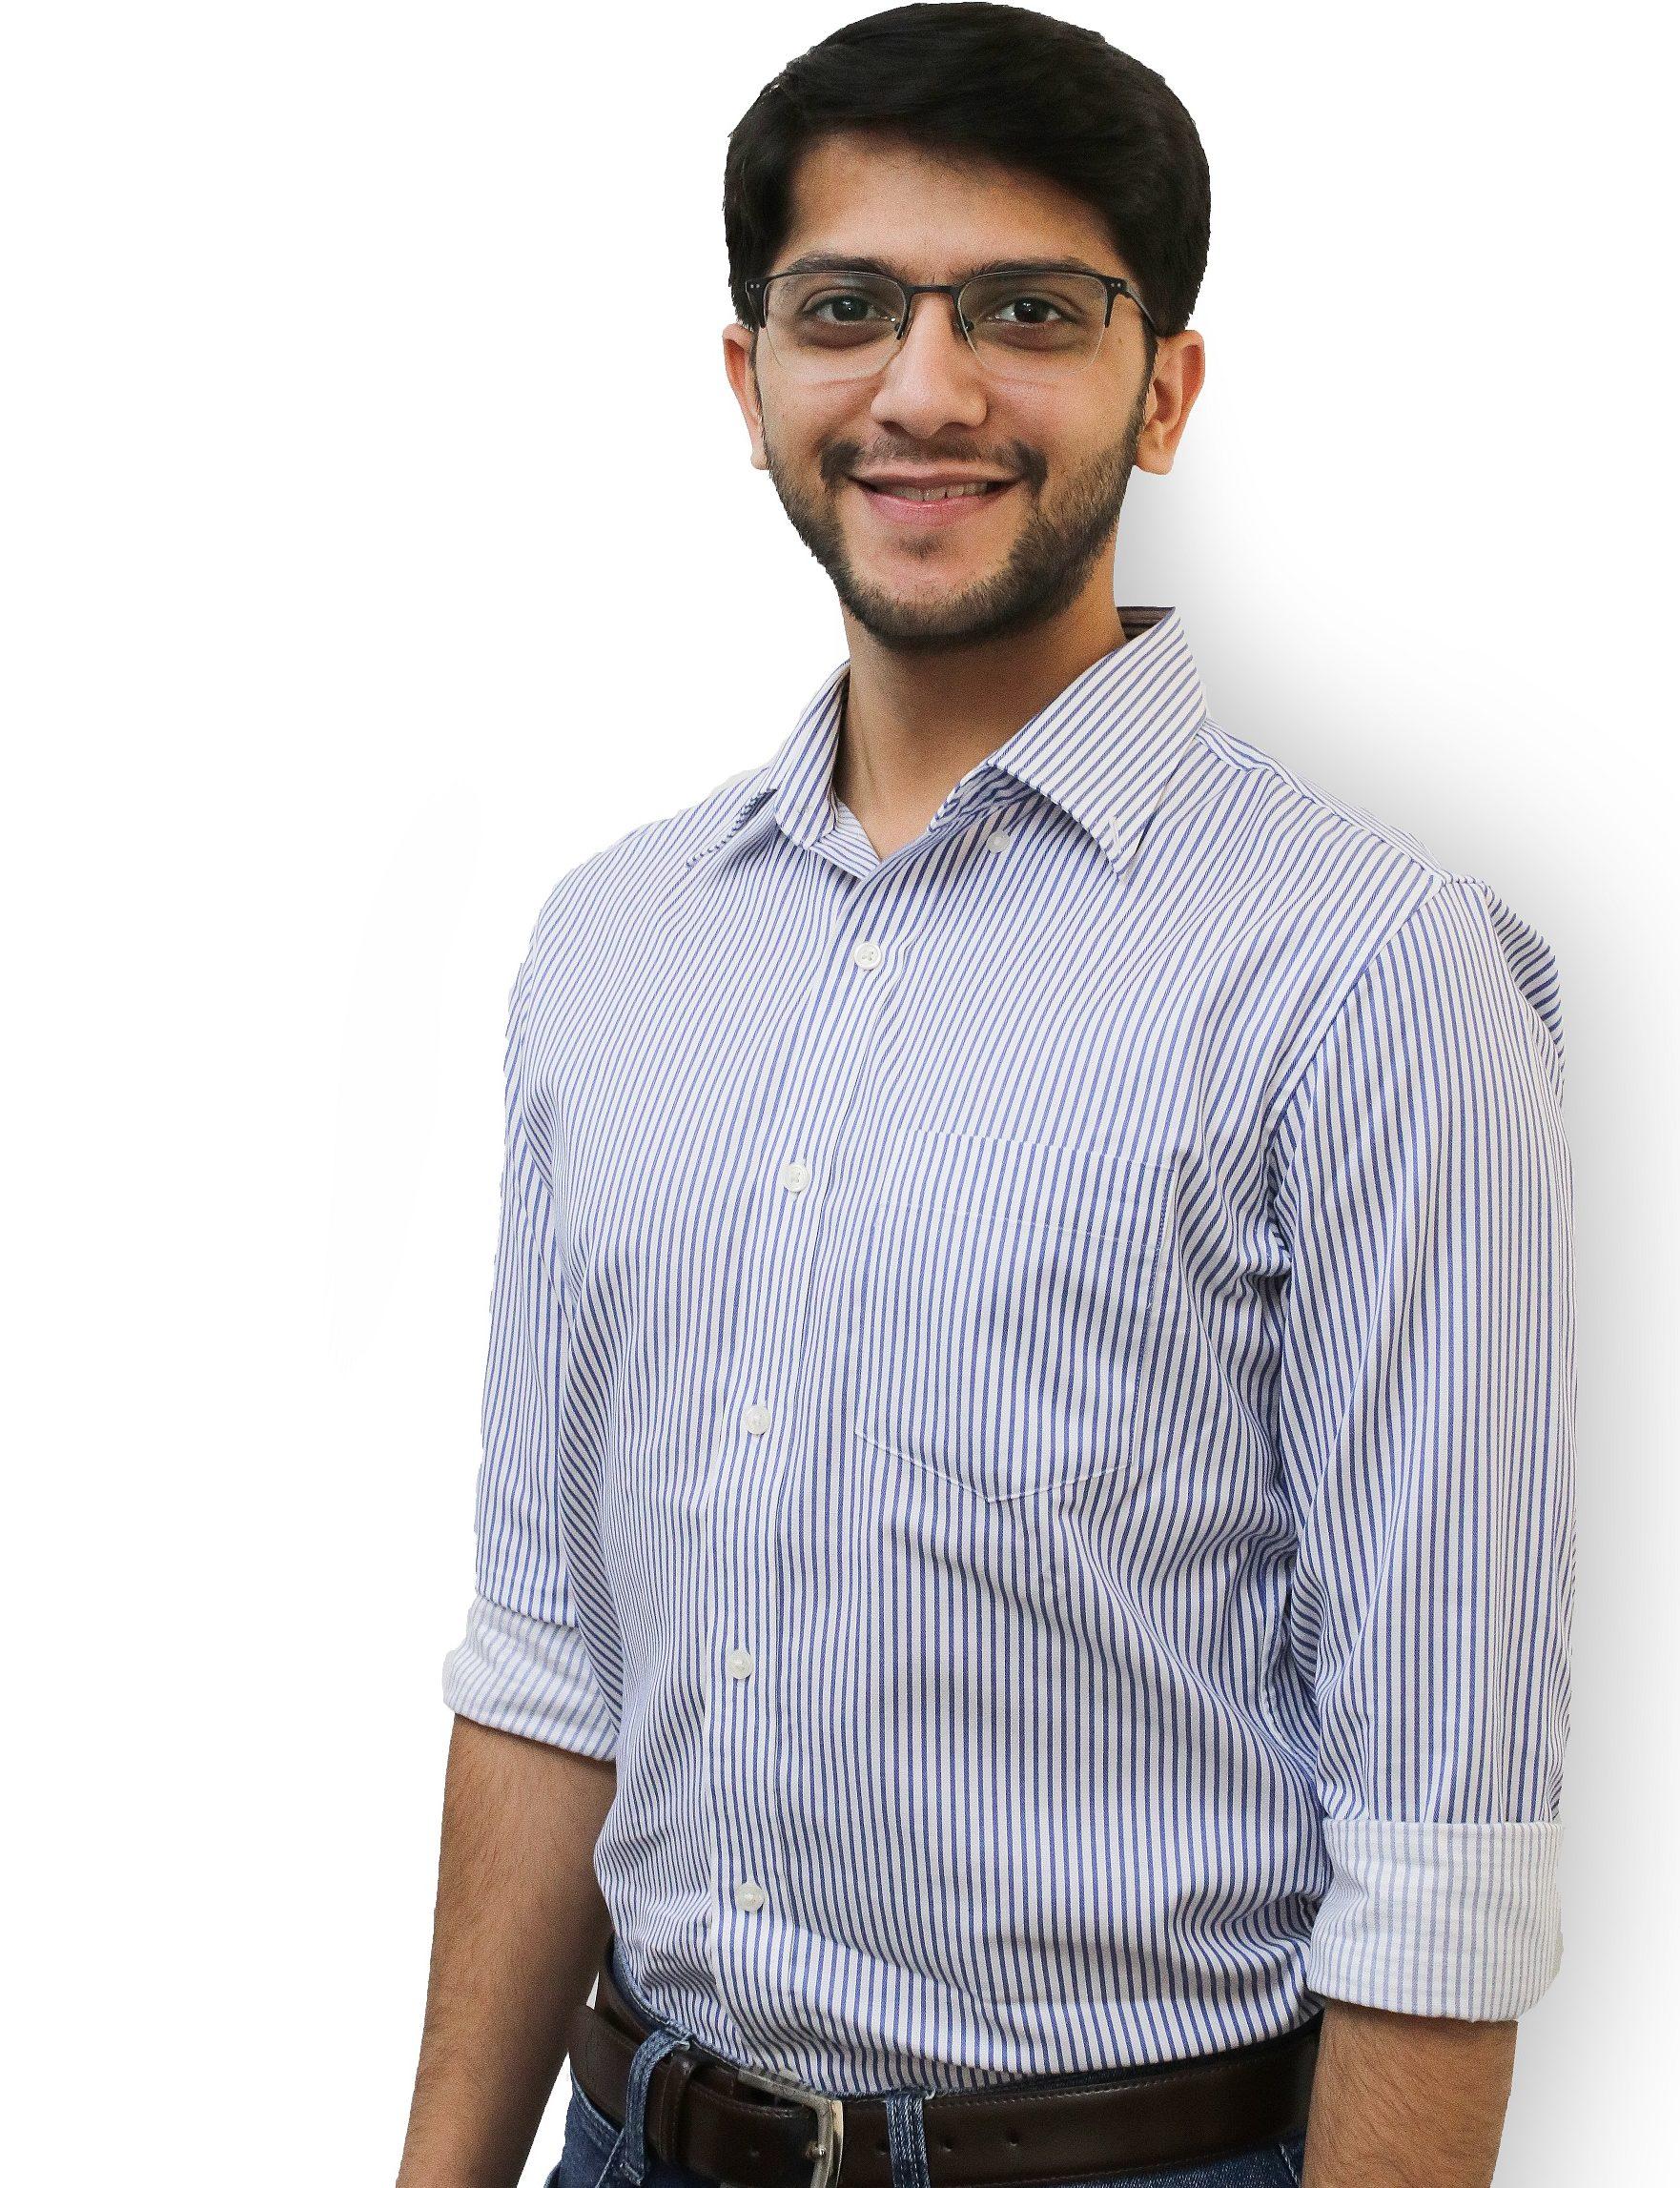 تطبيق لباقة منوعة من الخدمات بينها اللياقة البدنيةيطلق أعماله في دبي بعد نجاحه في الهند